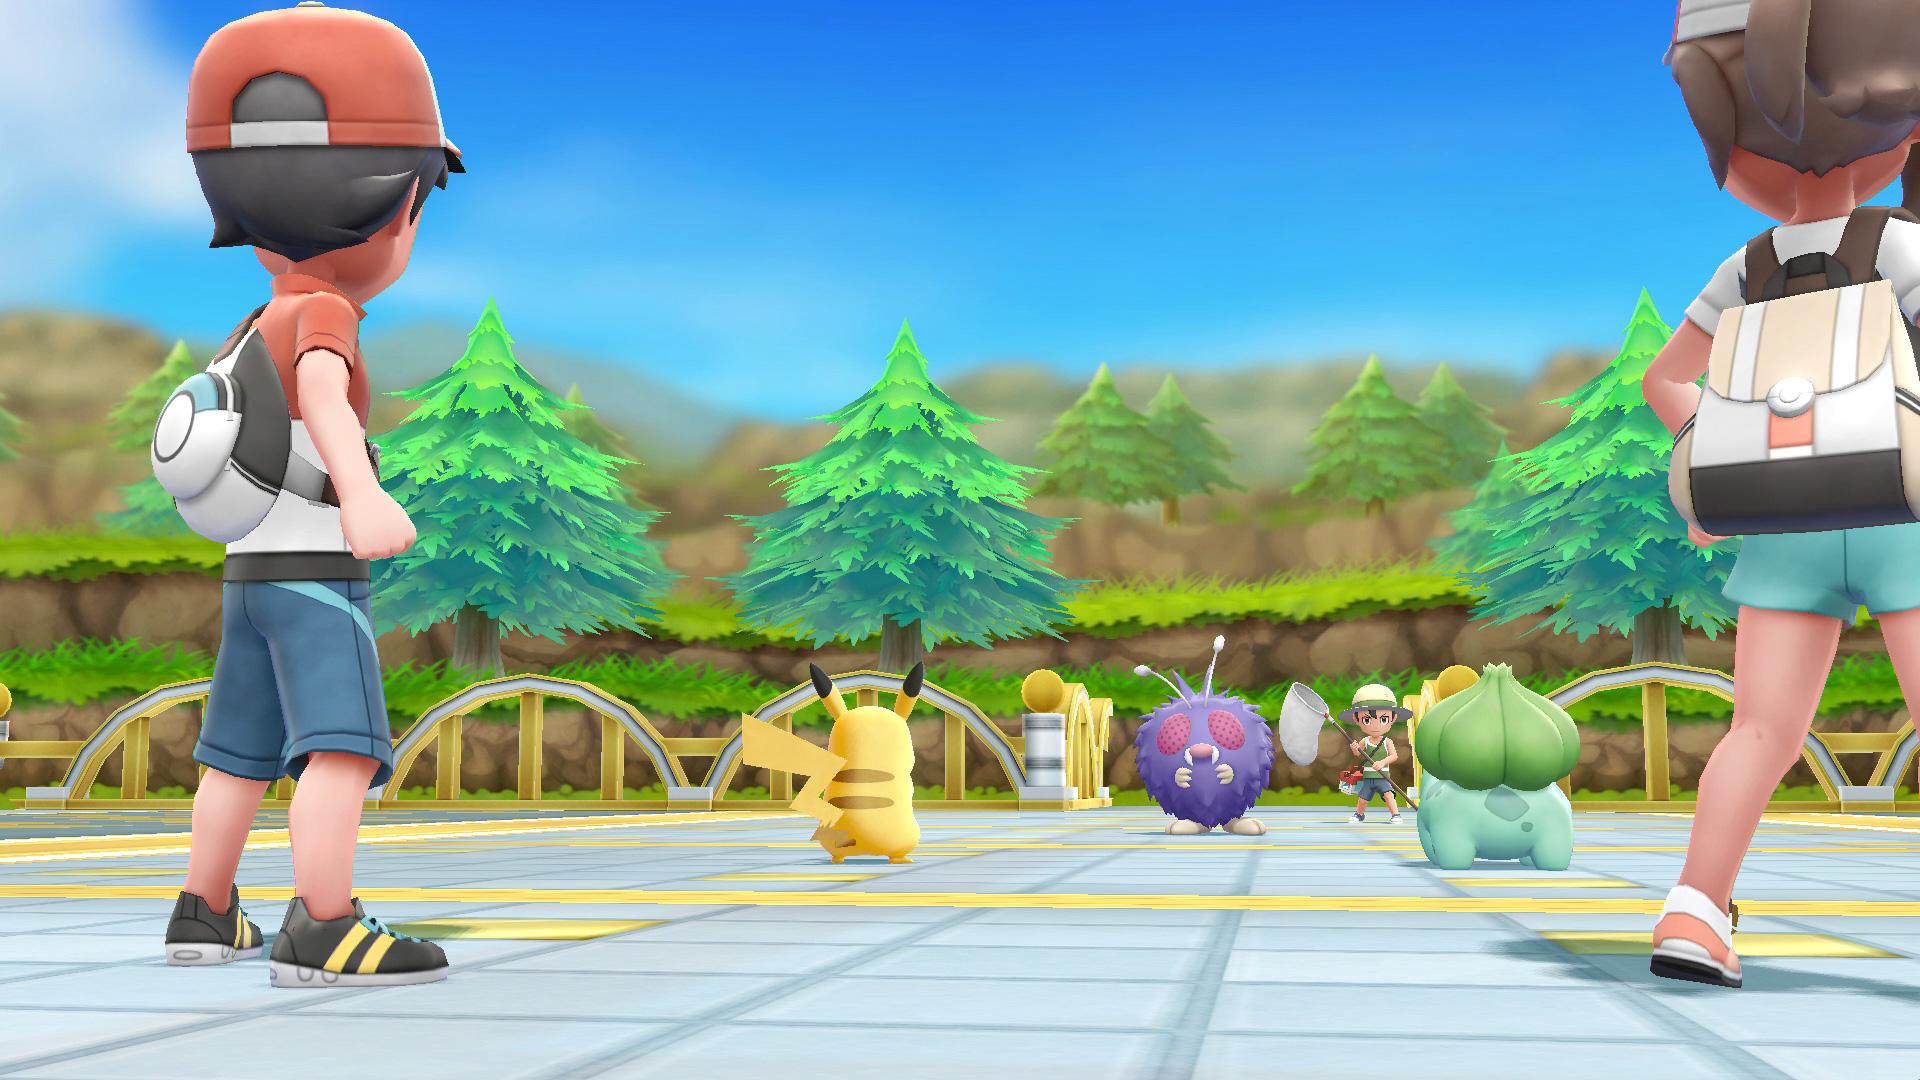 """Klassische Rundenkämpfe bietet das neue """"Pokémon"""" nur im Gefecht gegen andere Trainer. Wer sich zu schwach fühlt, ruft per Multiplayer-Modus einen Kumpel zur Hilfe."""